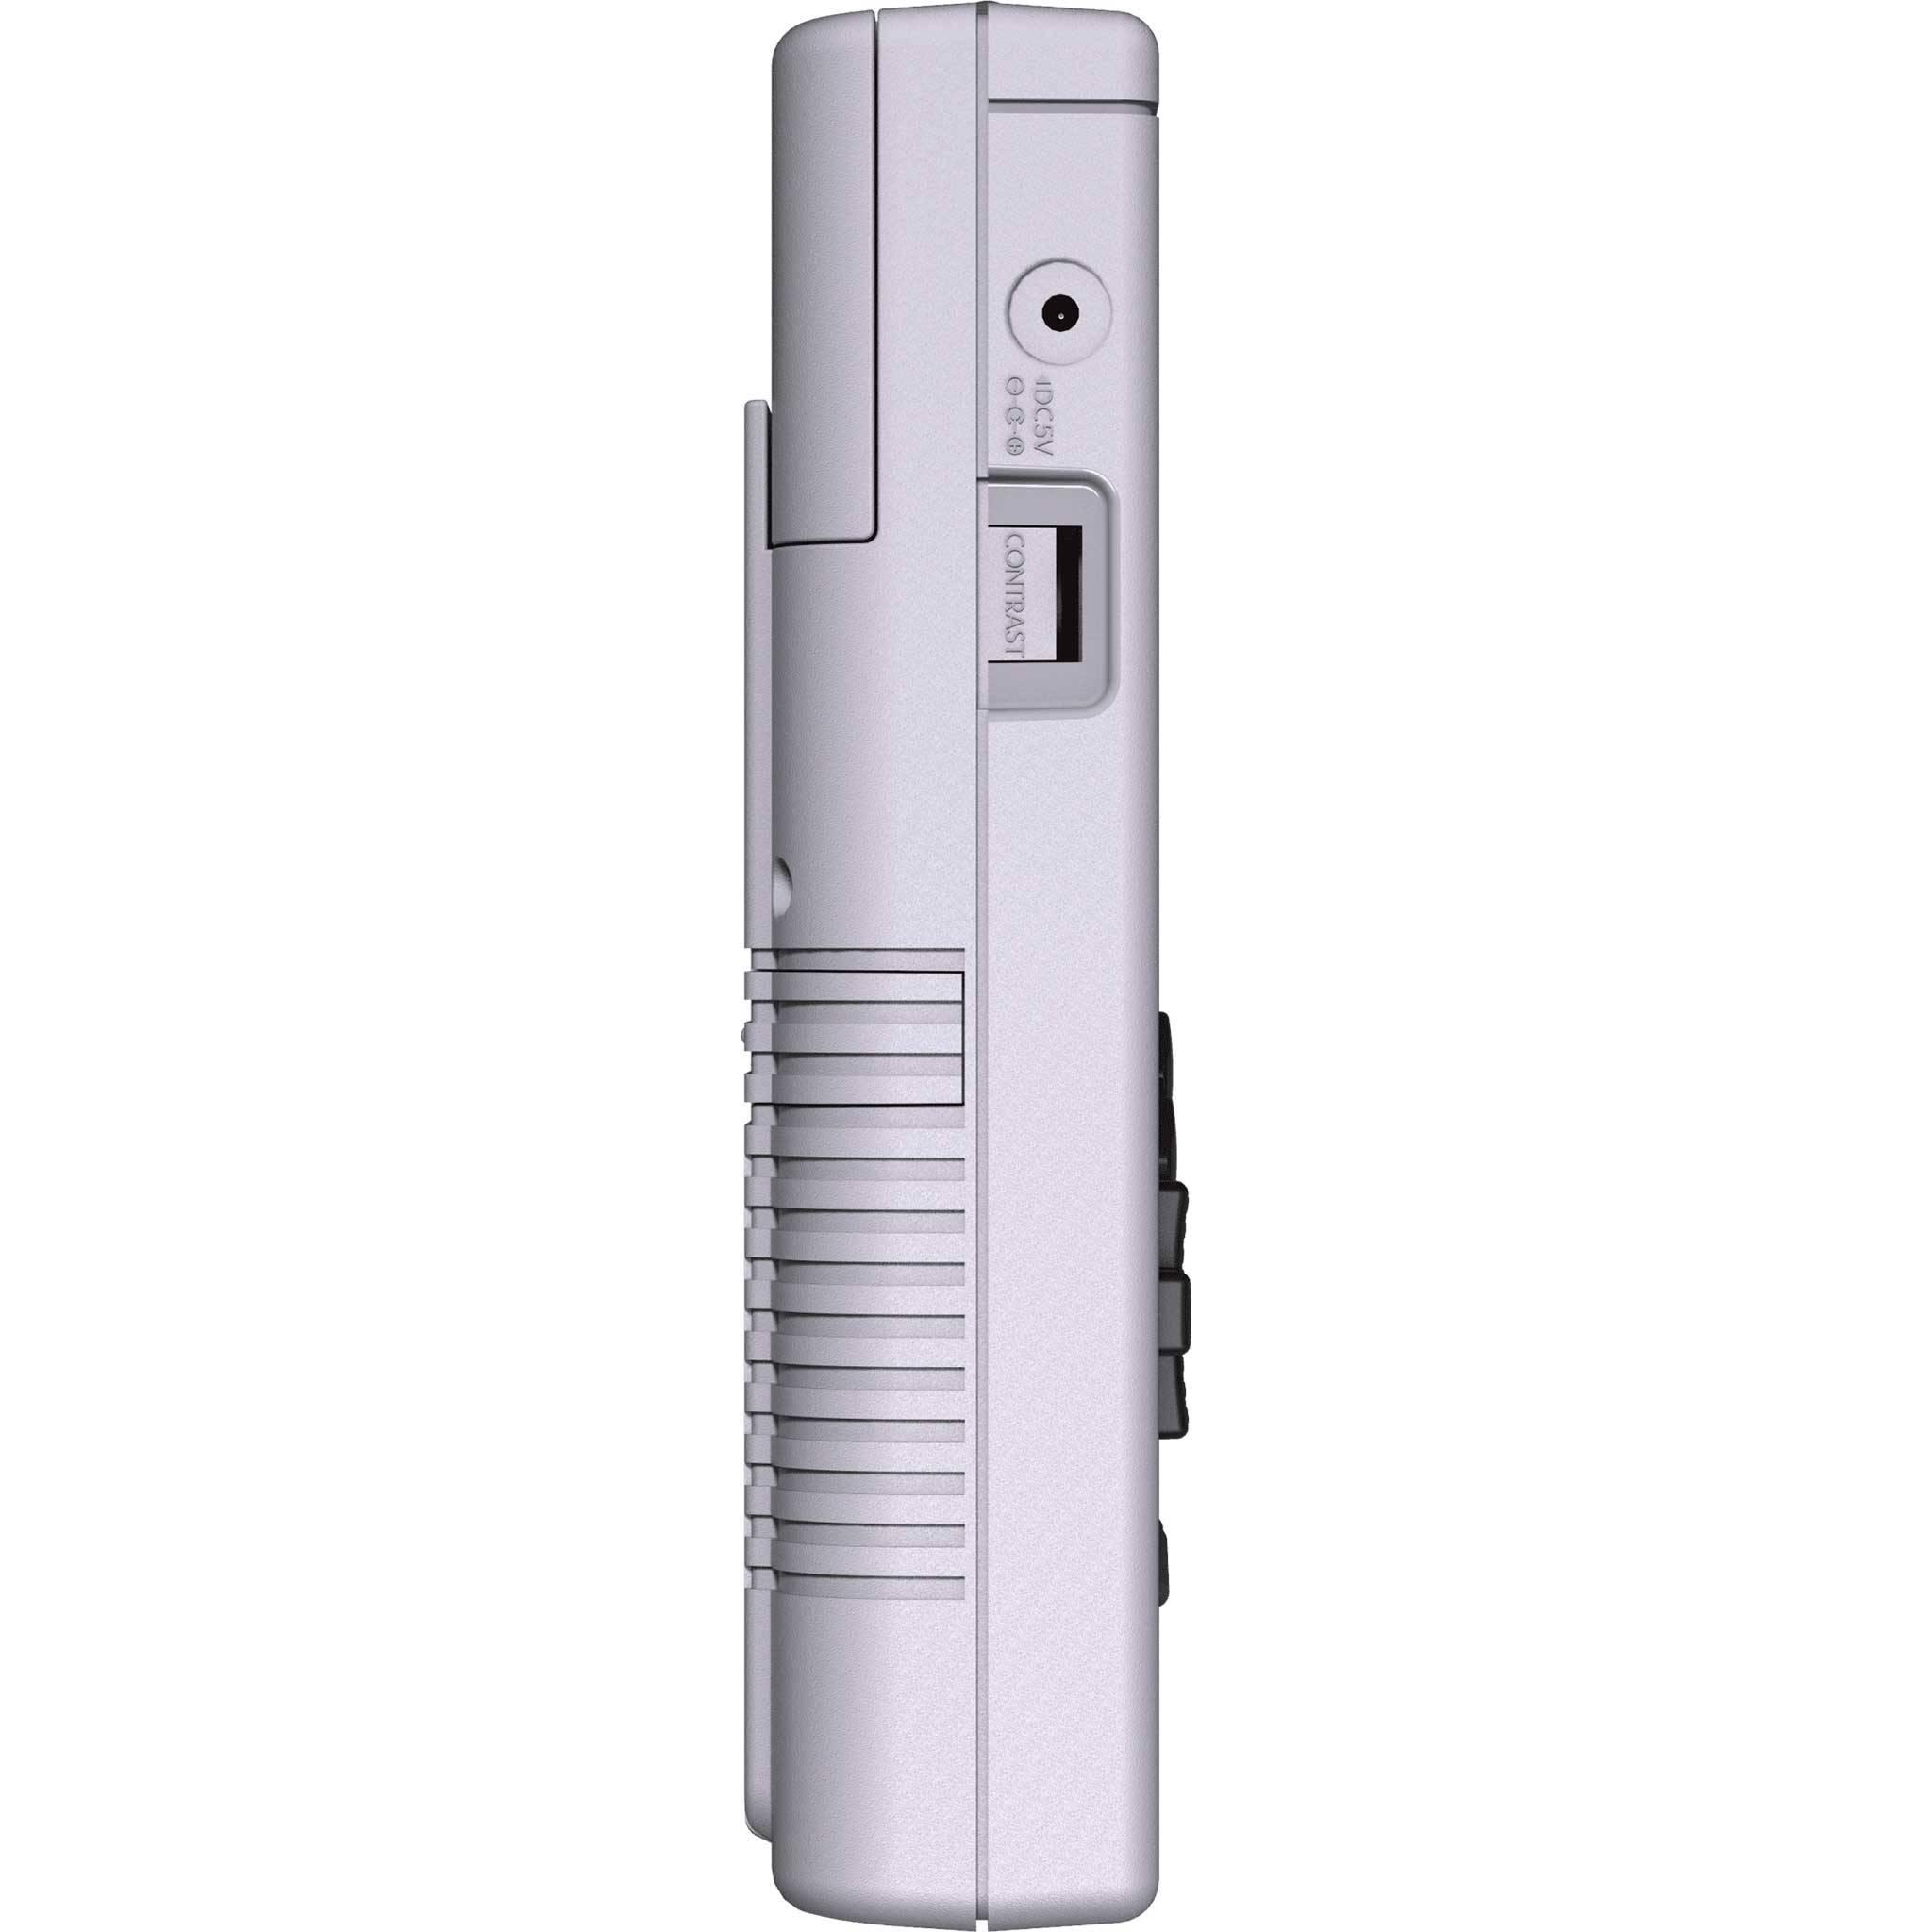 RETROFLAG GPi Case showing left side Volume rocker and Power Plug